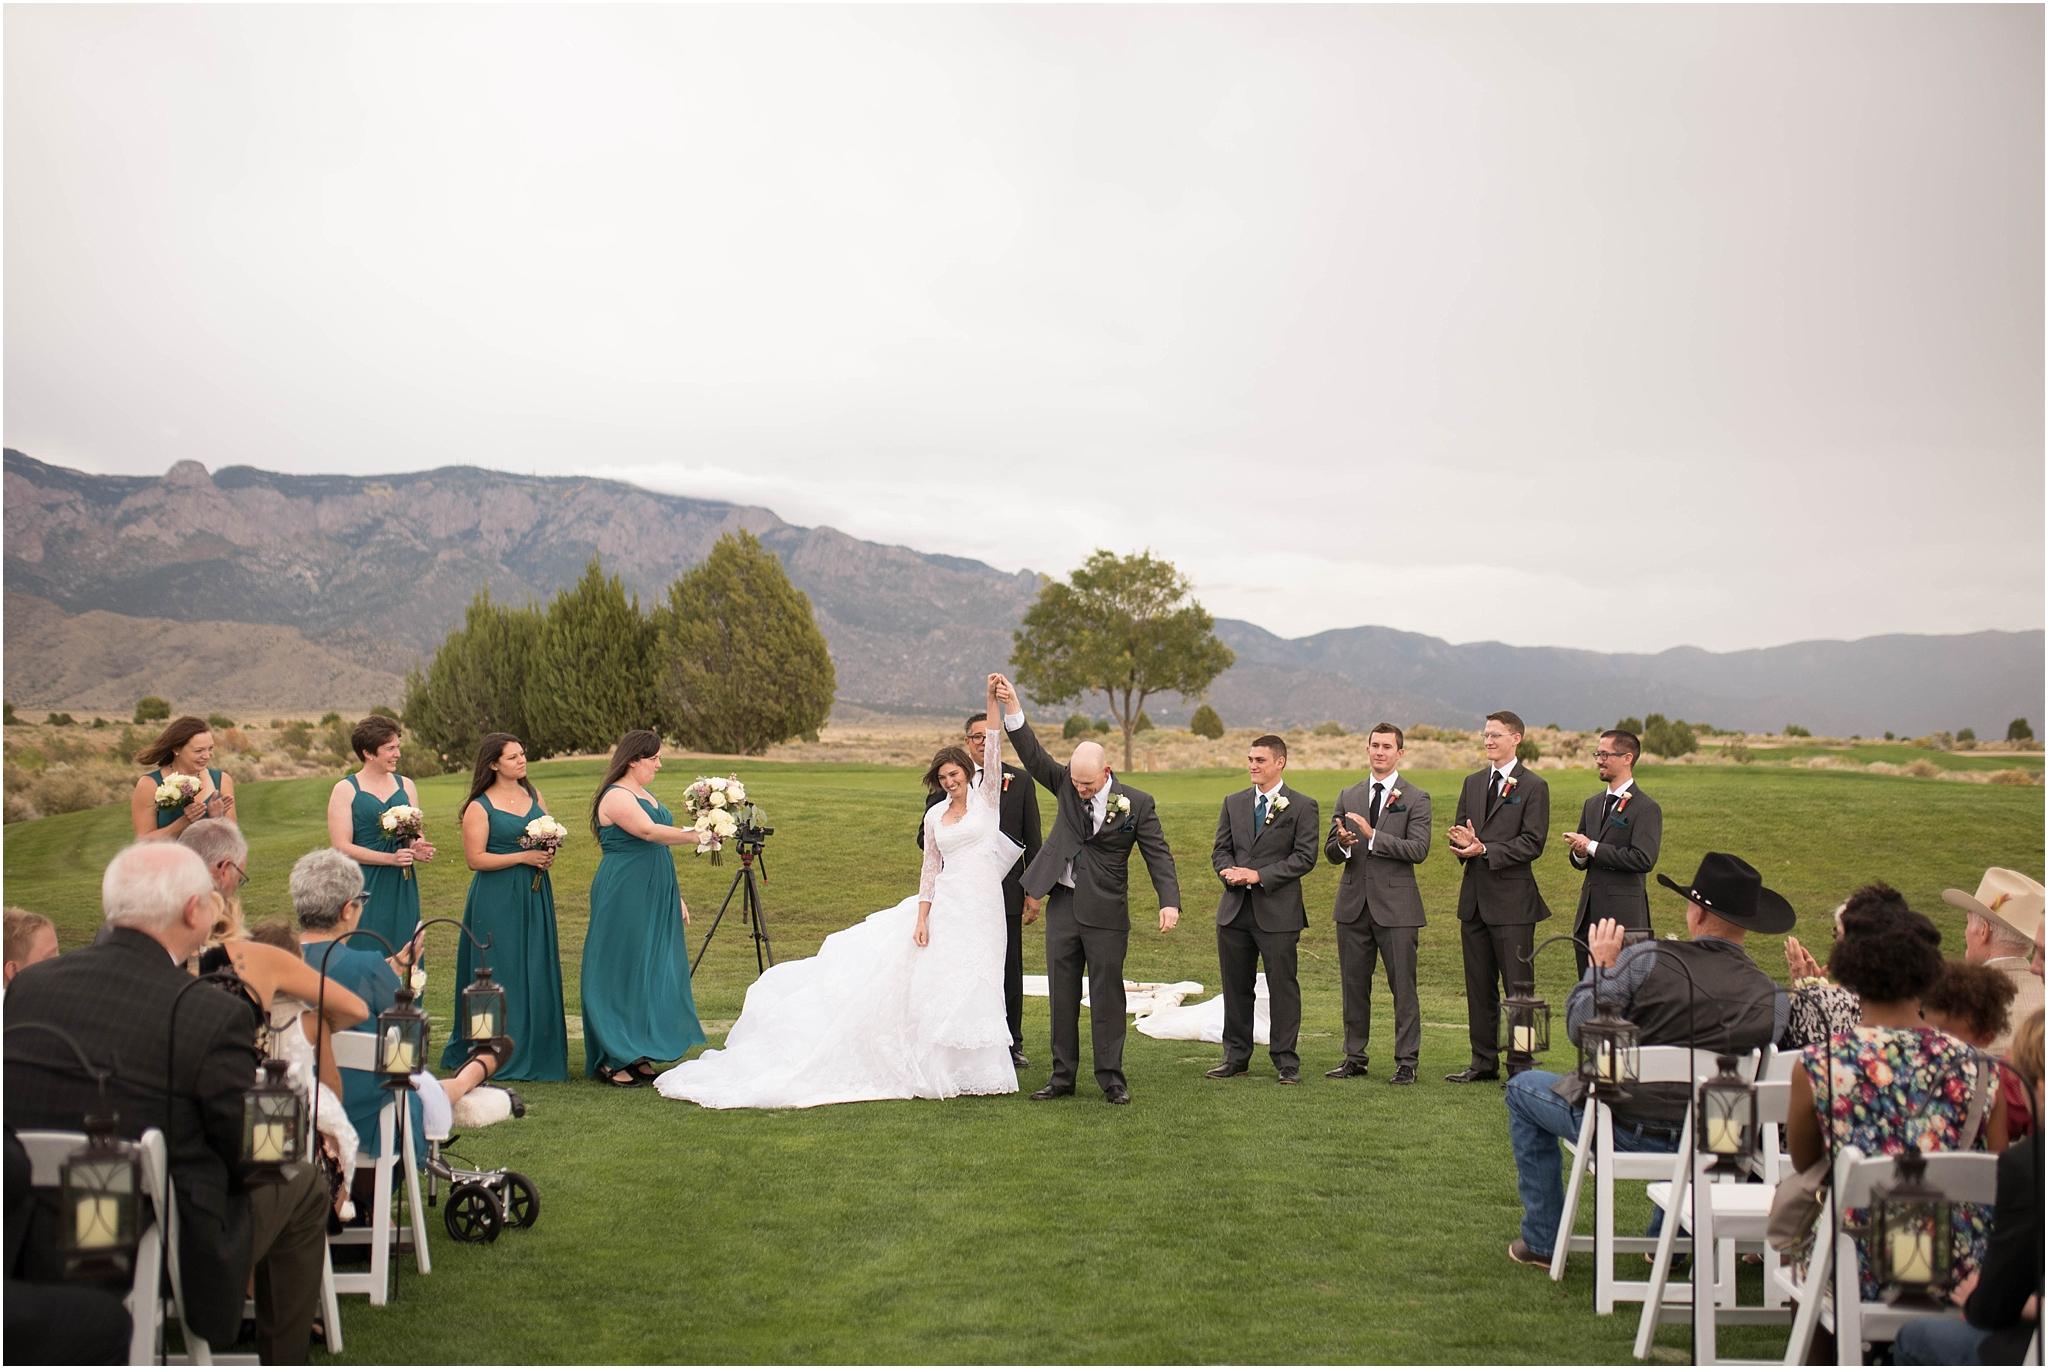 kayla kitts photography - new mexico wedding photographer - albuquerque botanic gardens - hotel albuquerque_0096.jpg